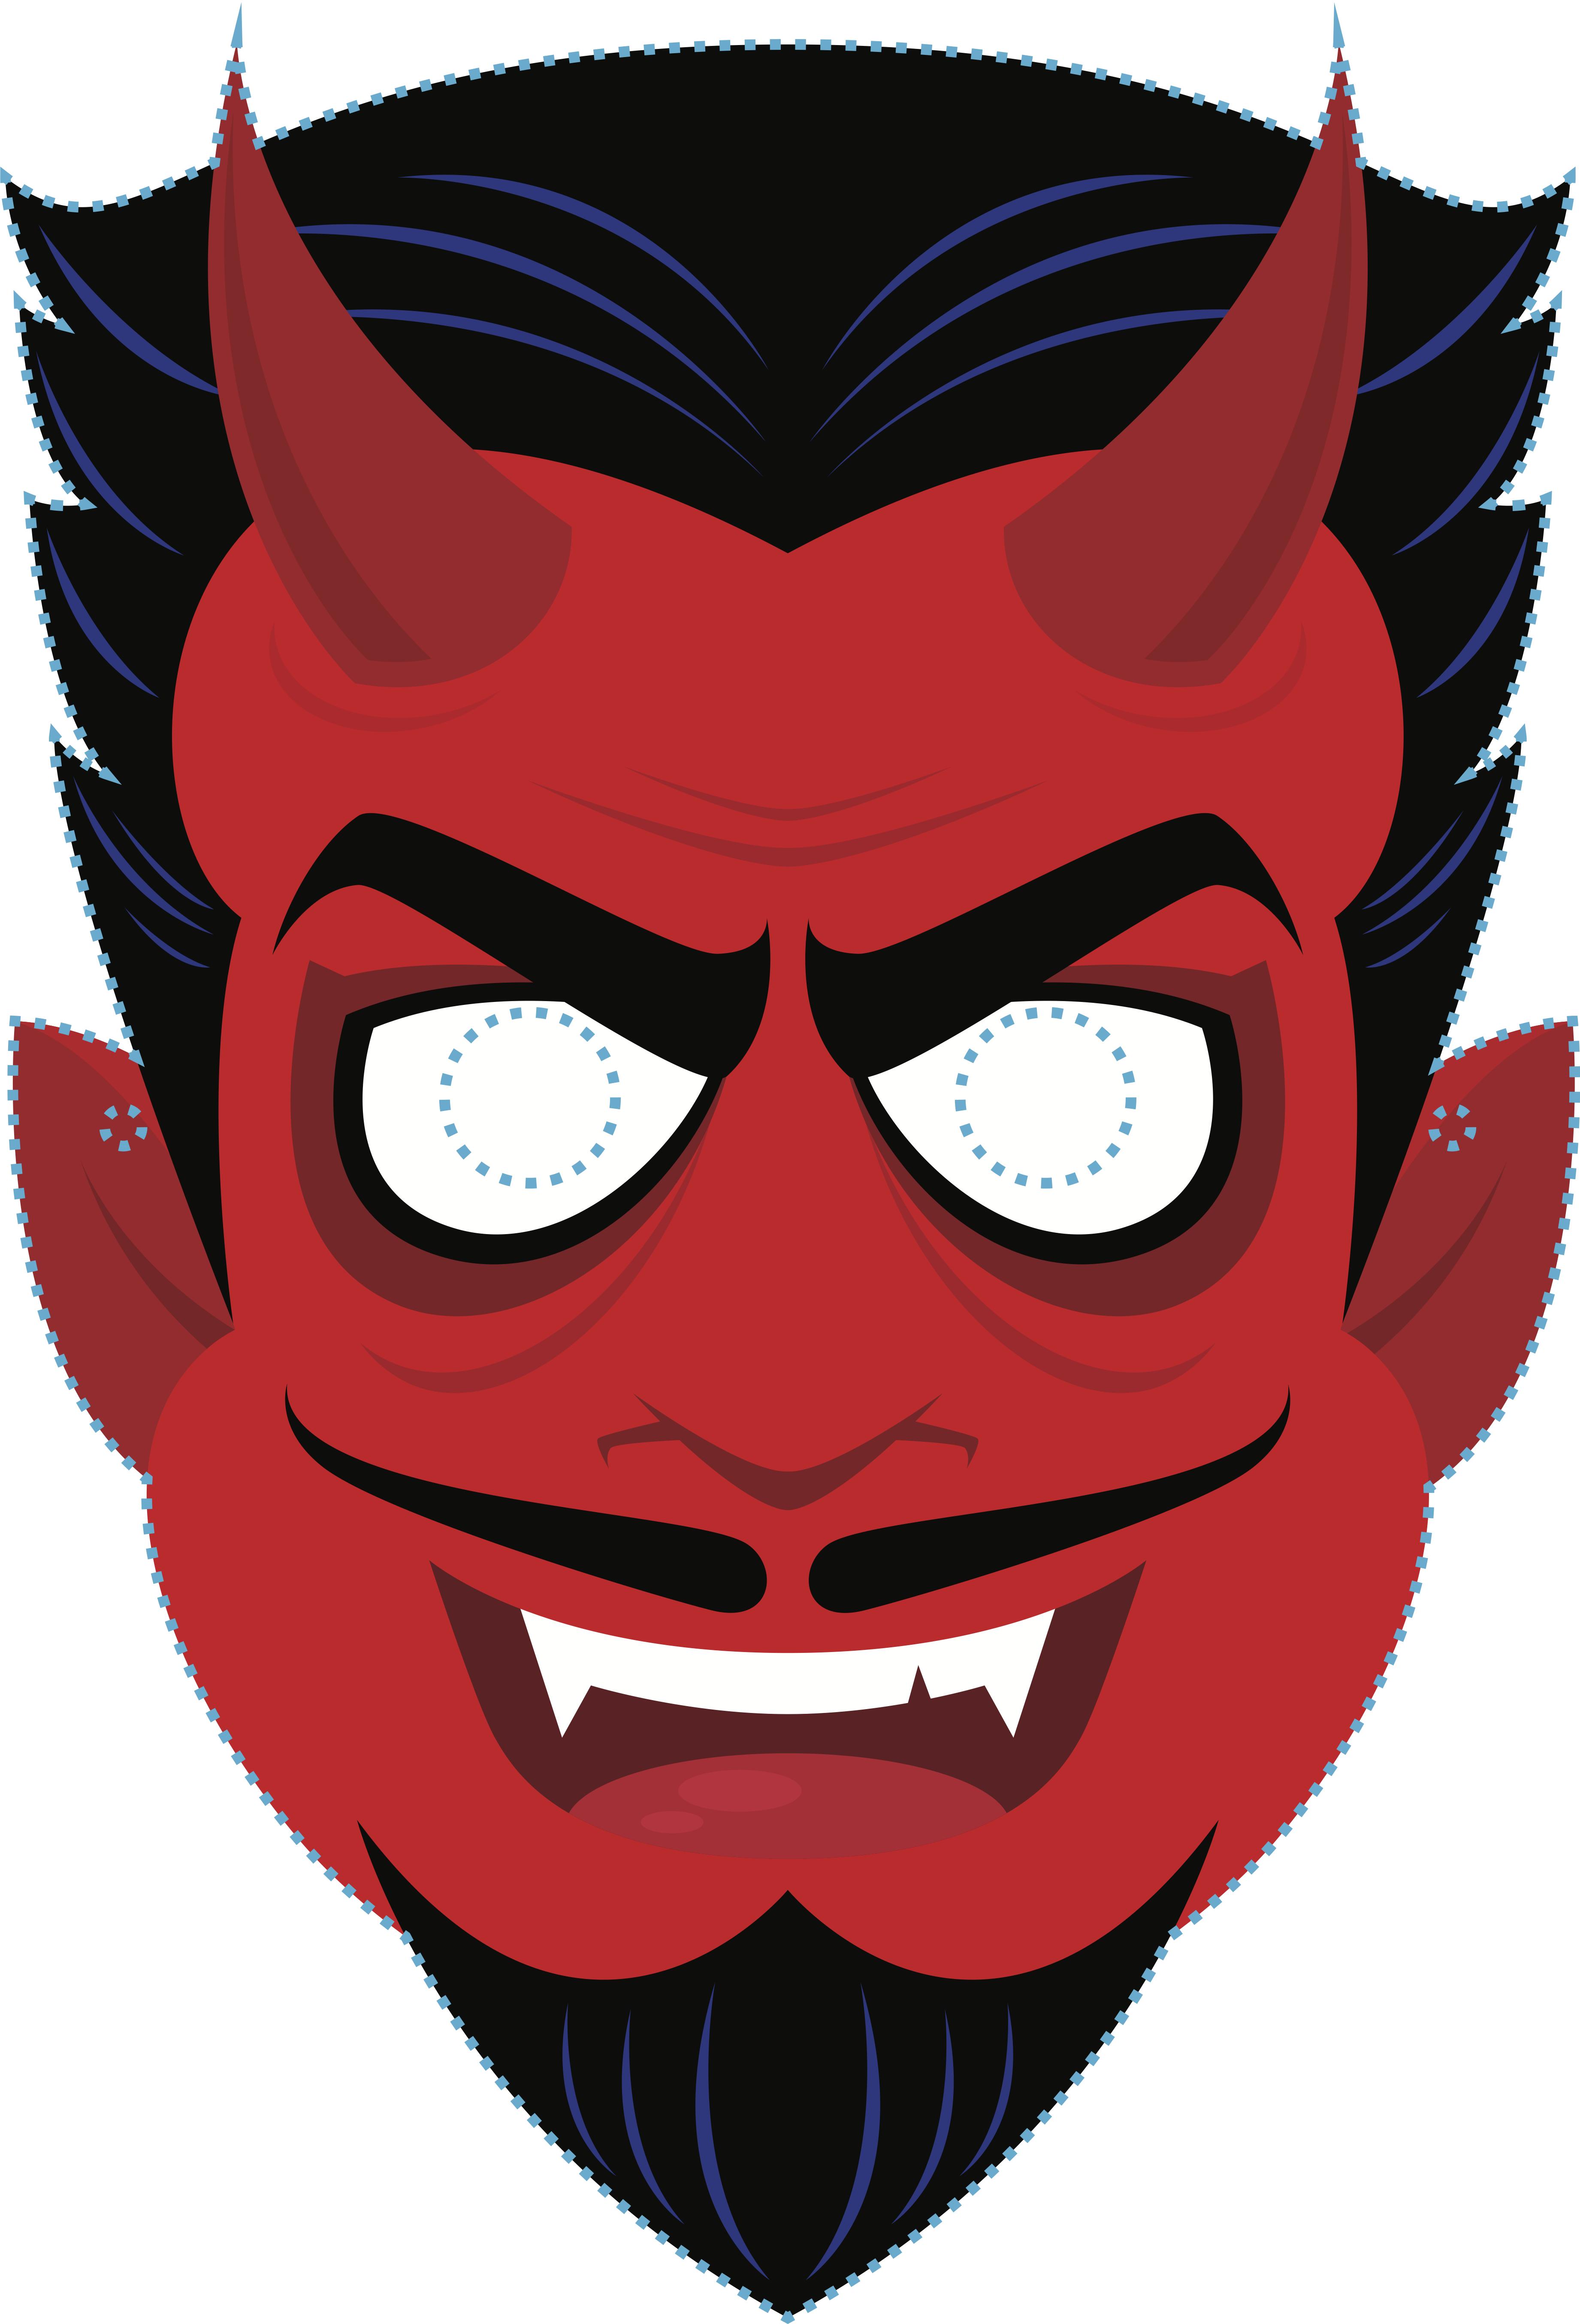 Printable Halloween Masks | Worksheet | Printable Halloween Masks - Free Printable Halloween Face Masks